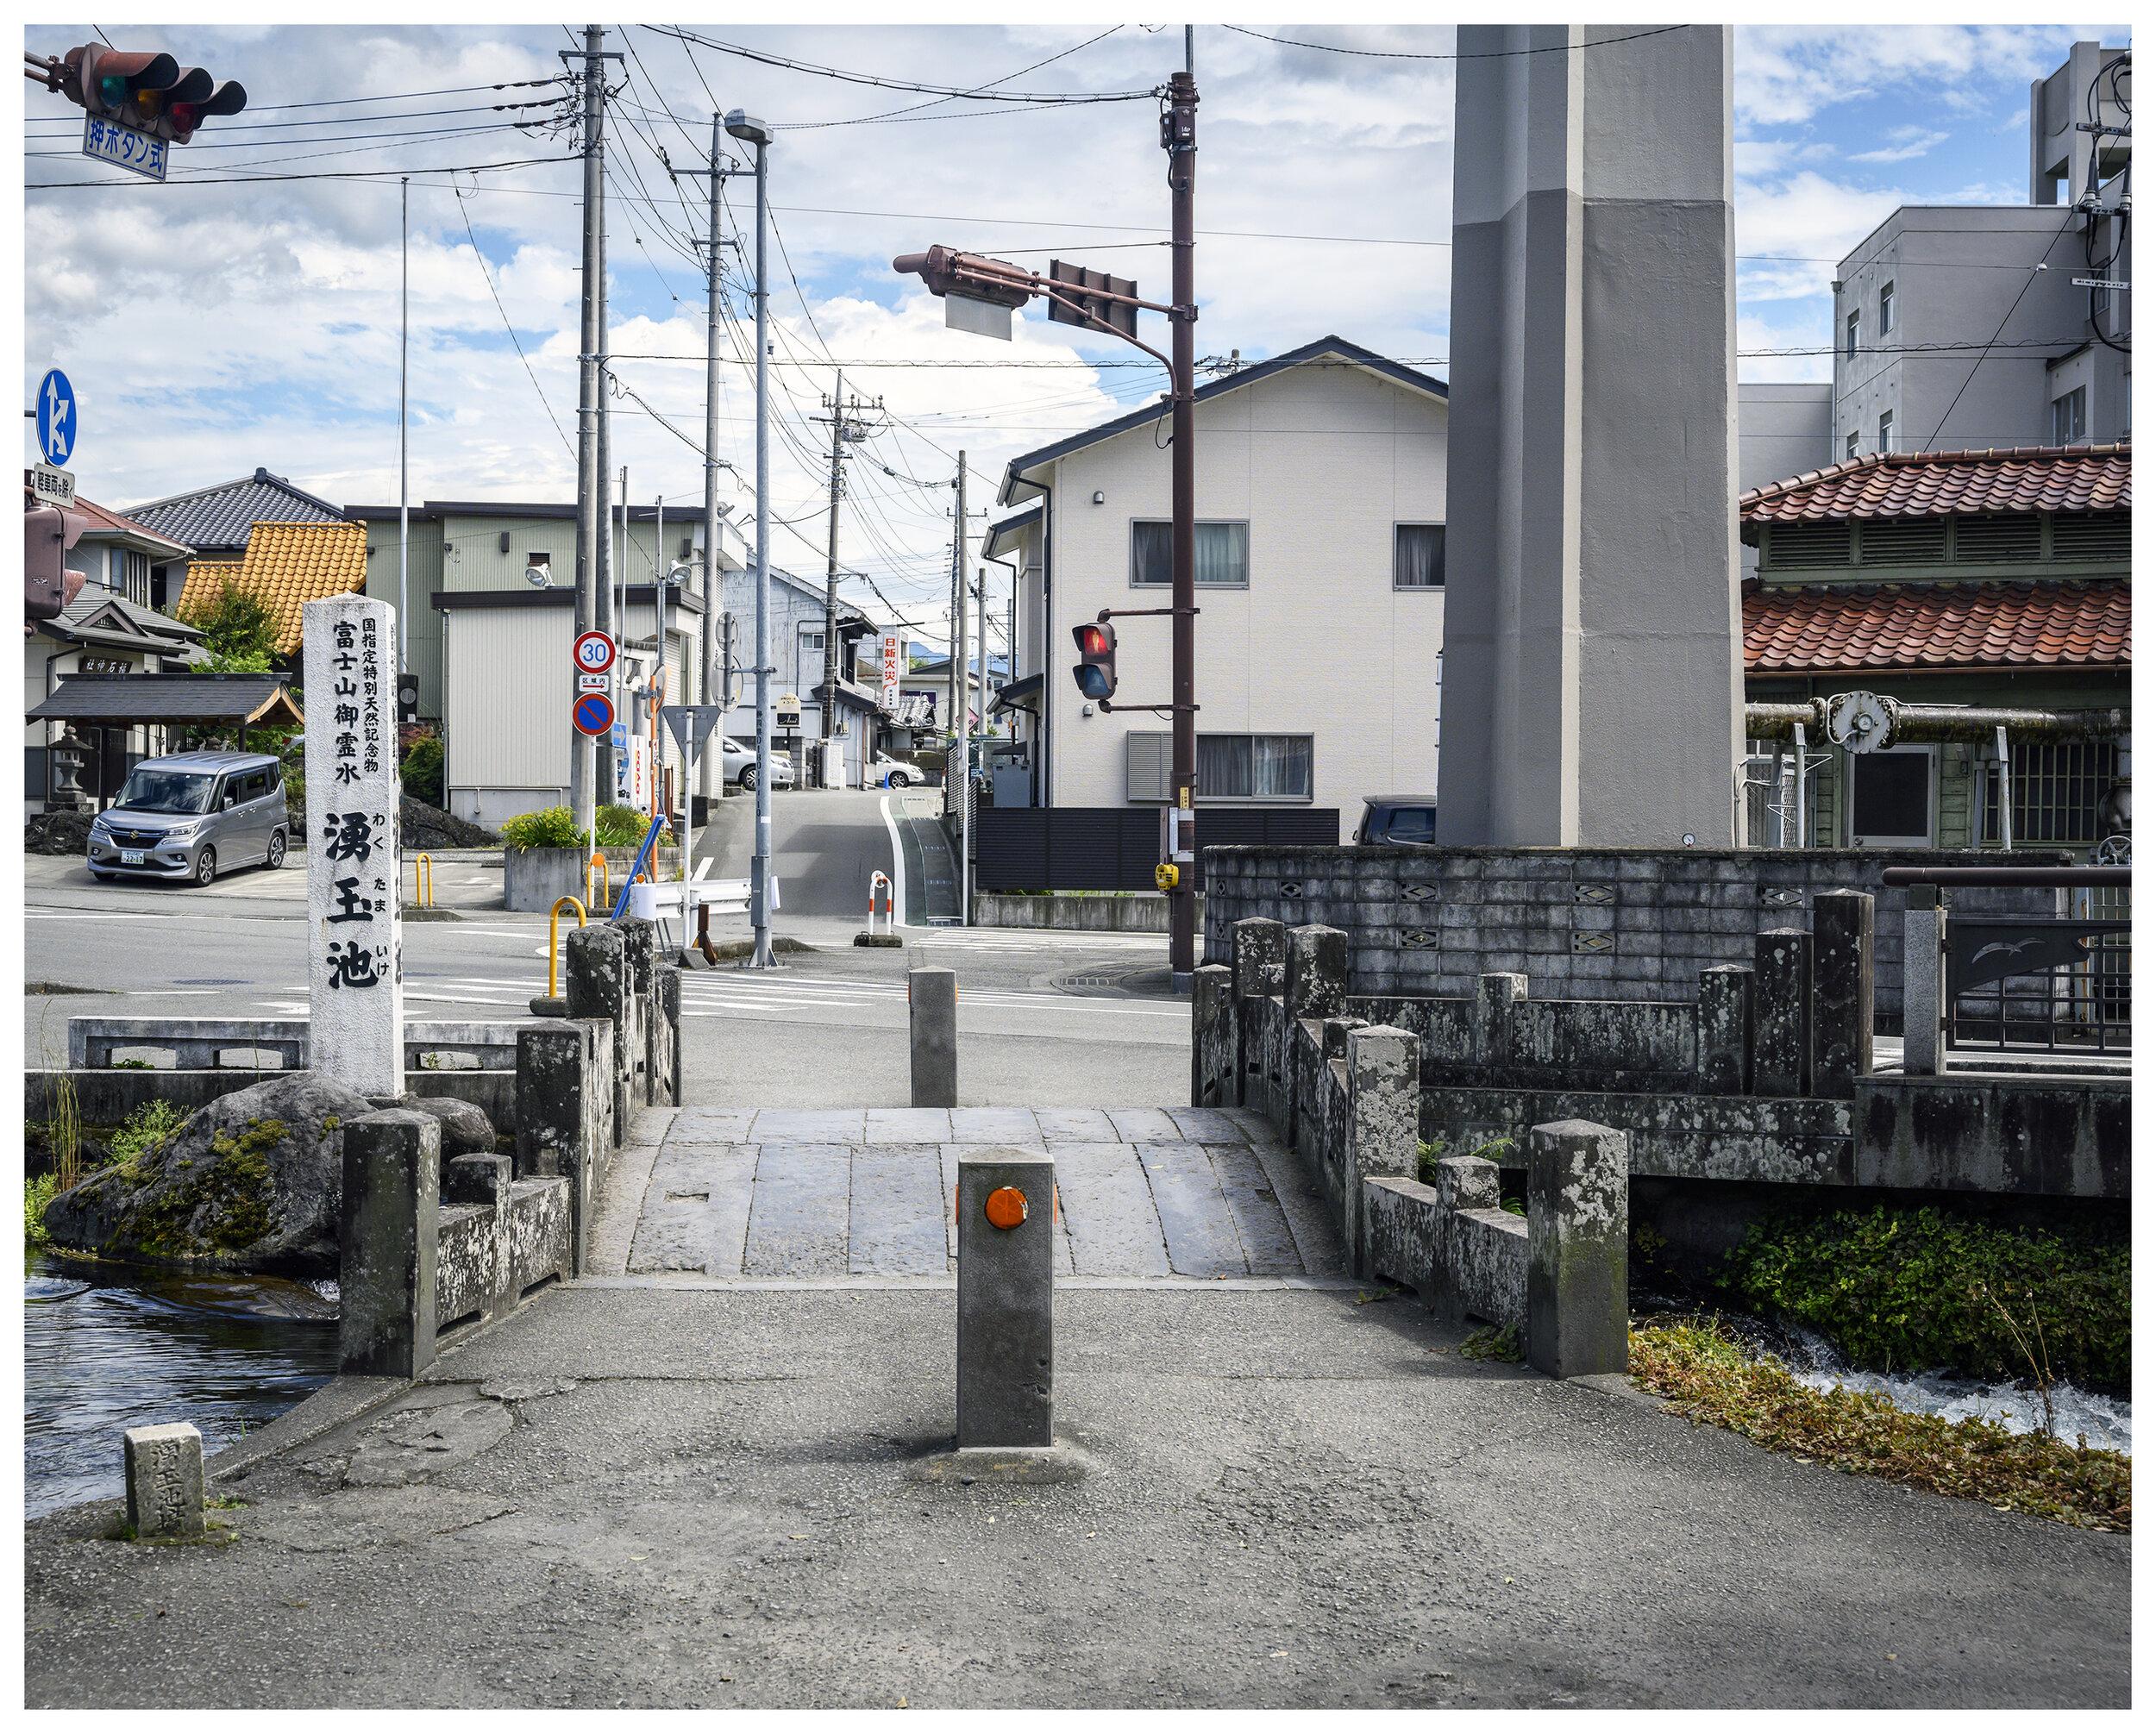 Mishima, Shizuoka, Japan — 2019